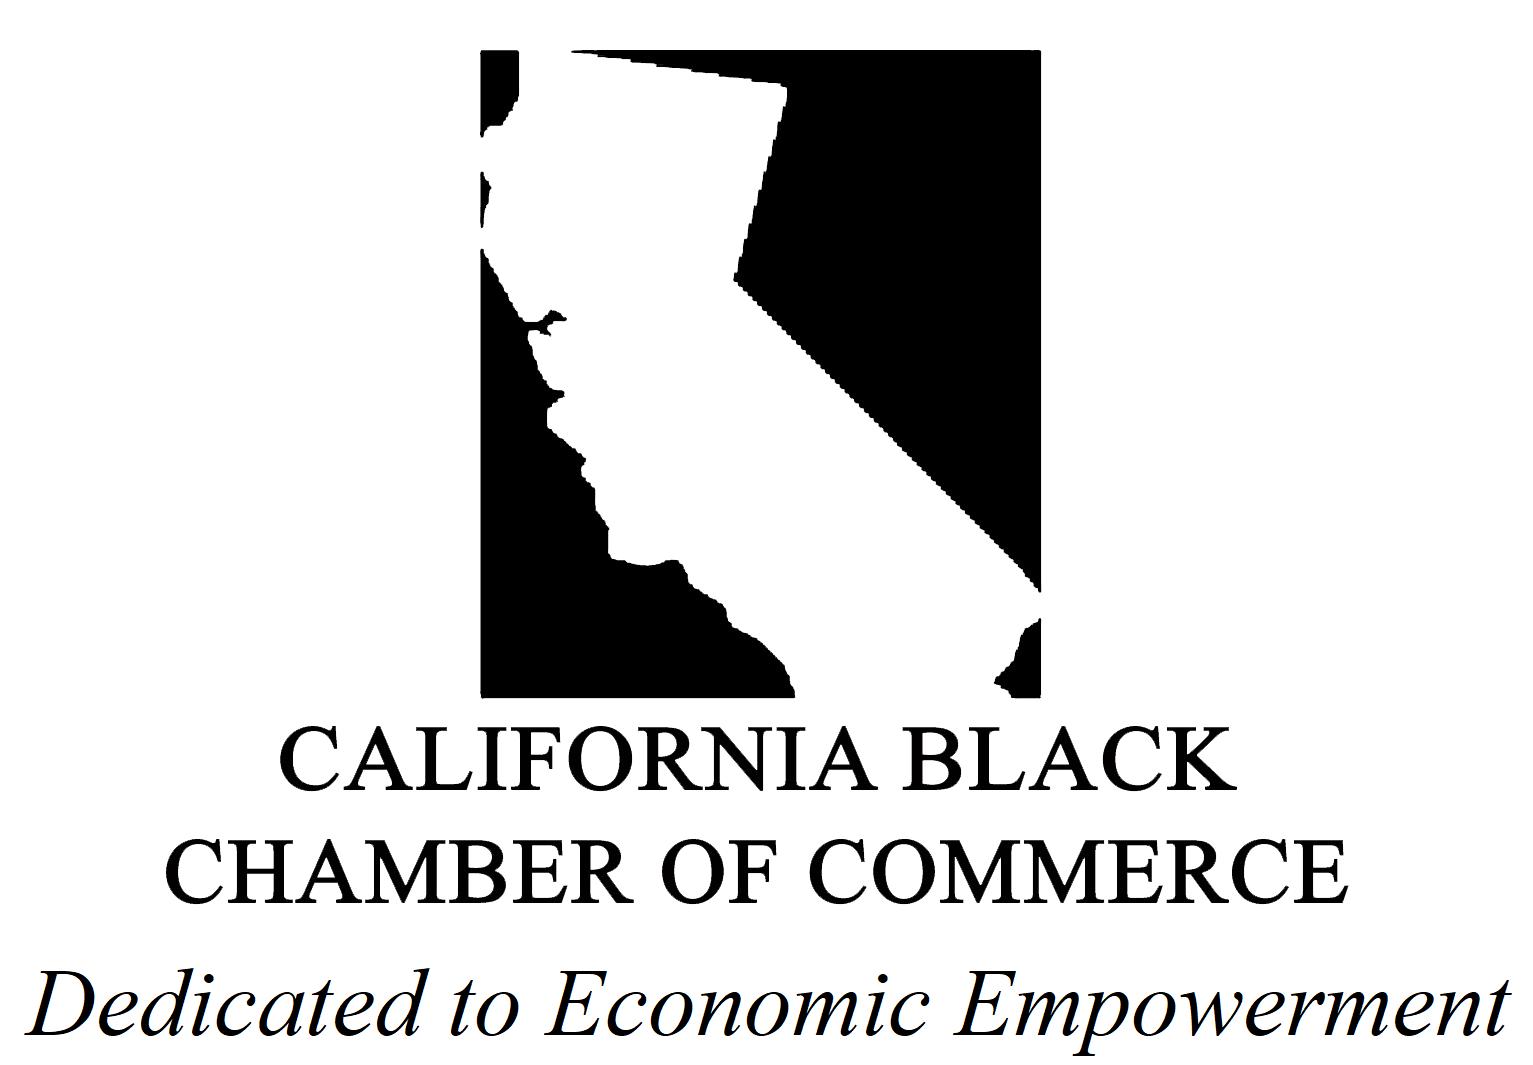 California Black Chamber of Commerce | CALBCC